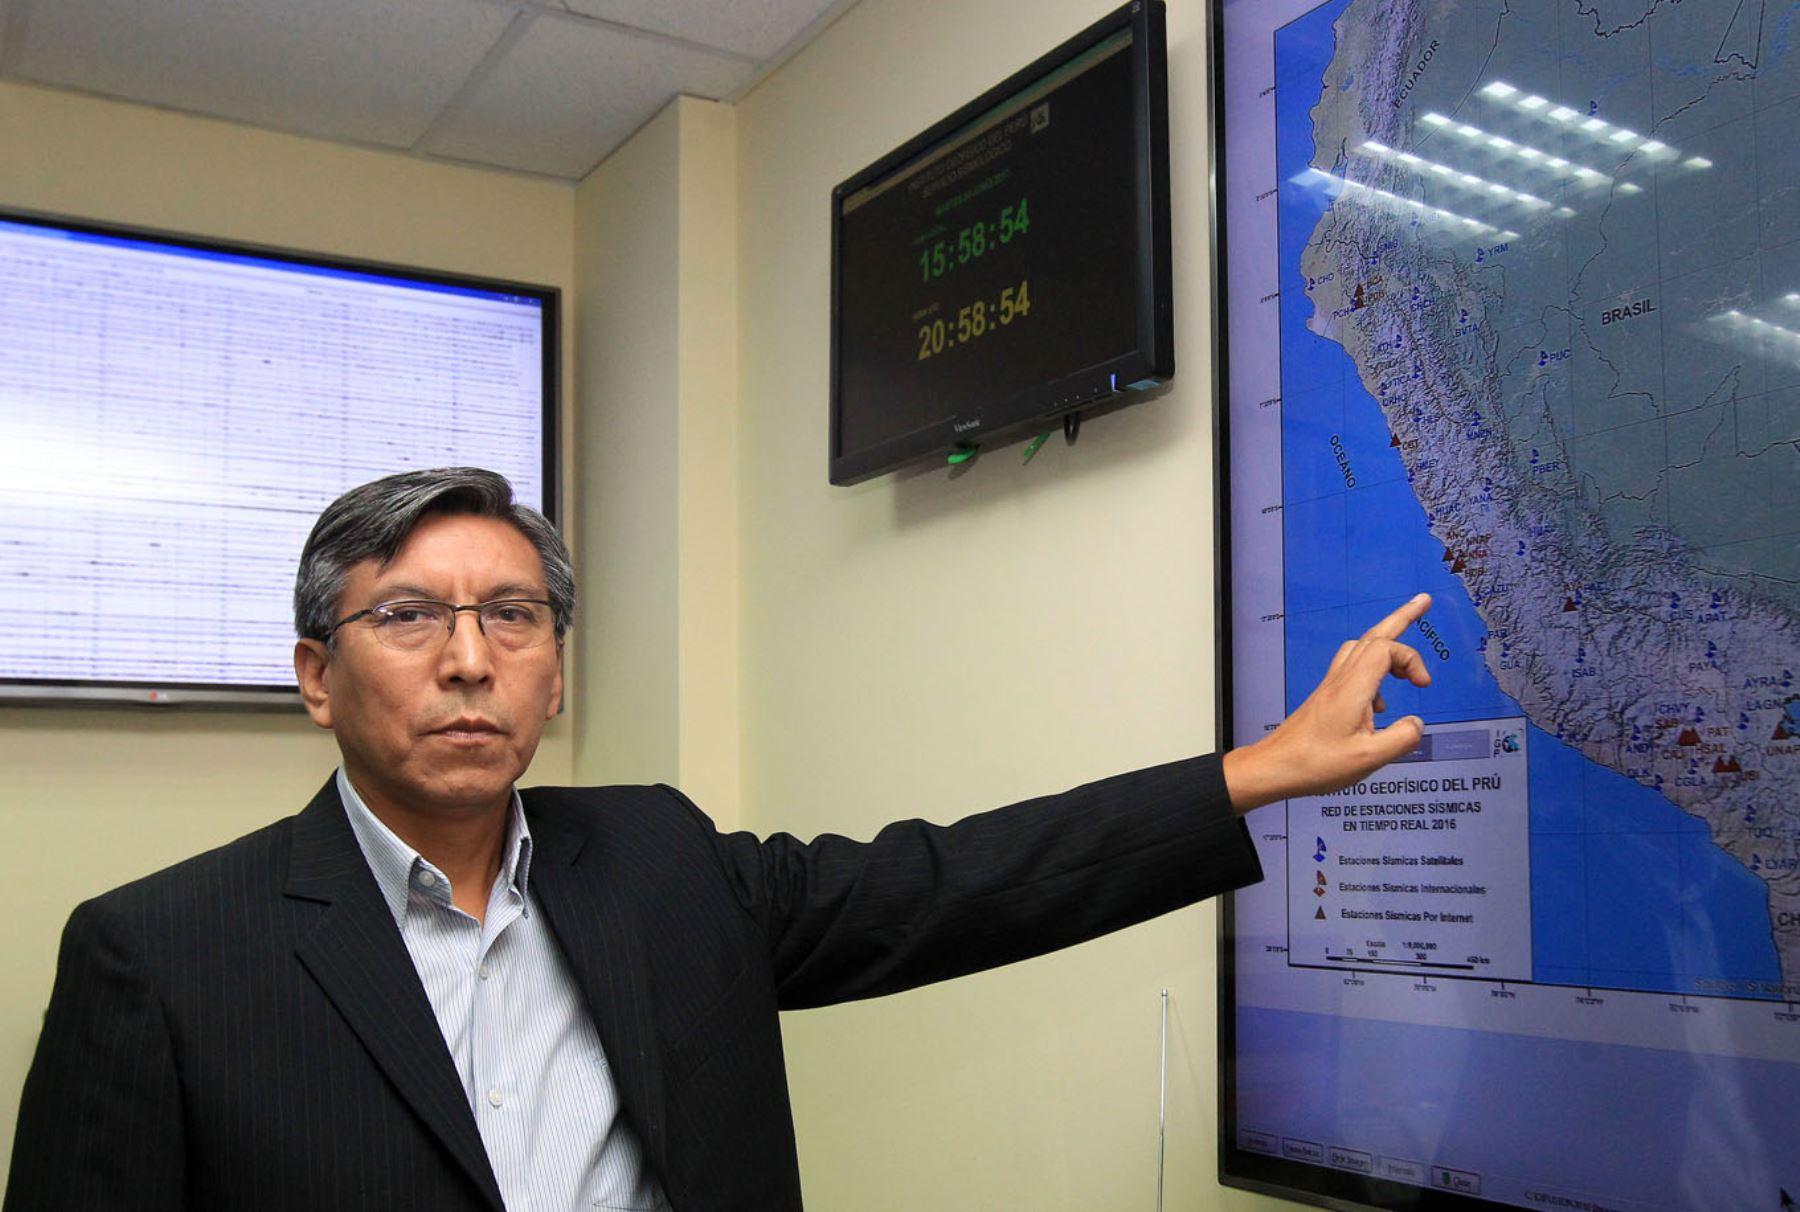 Hernando Tavera asegura que la mayor ocurrencia registrada en el país y en la región es normal debido a la reactivación de una falla geológica. Foto:ANDINA/Héctor Vinces.